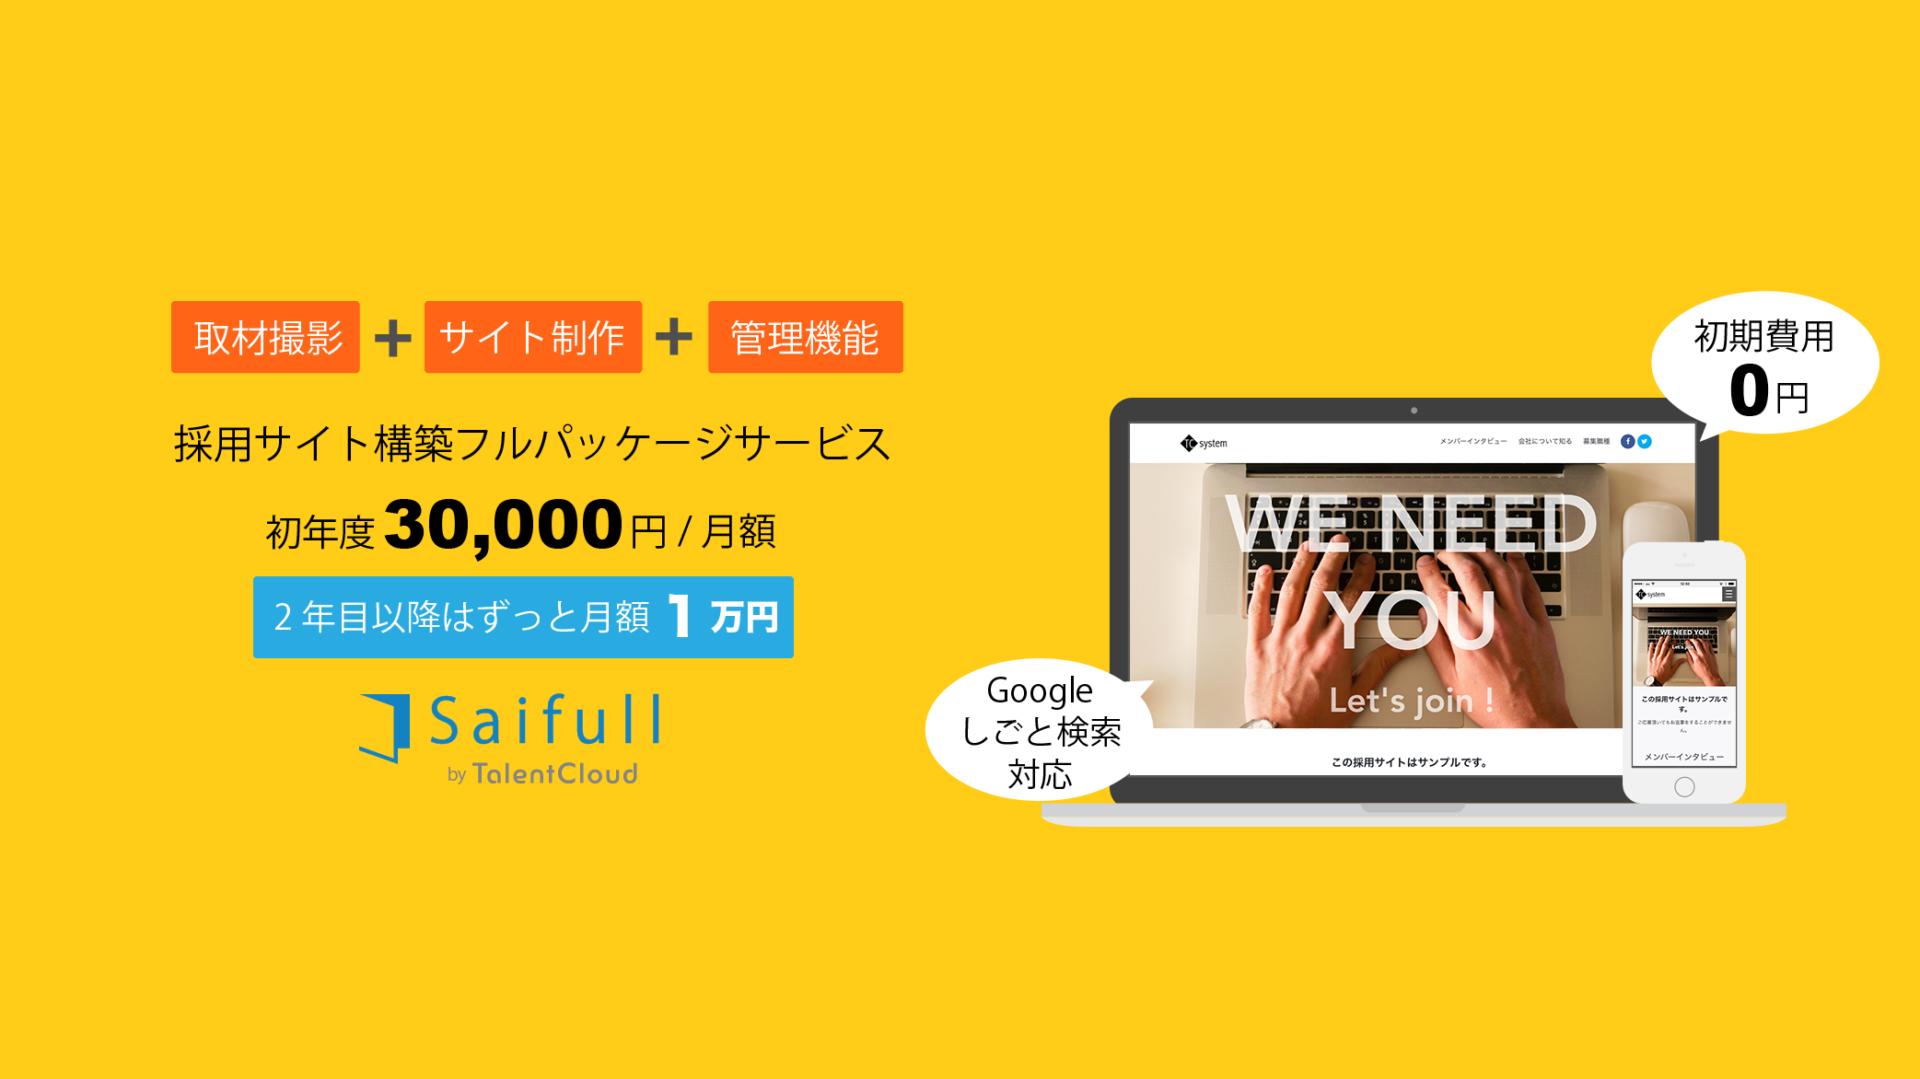 採用サイト構築フルパッケージ「Saifull」by TalentCloud